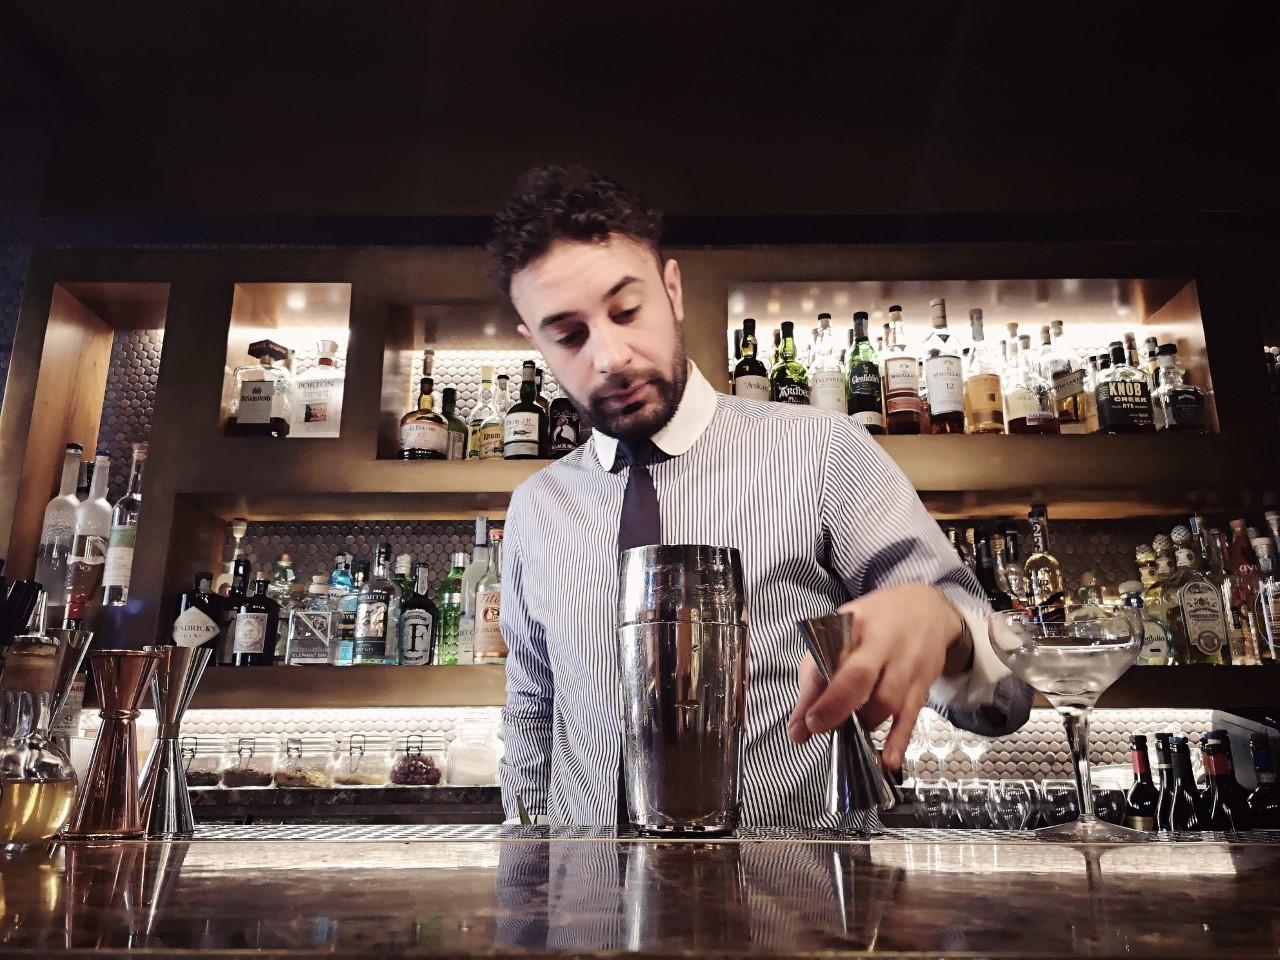 Mixa dolce e amaro il drink FINIMONDO di Vincenzo Tropea del Ristorante Pierluigi di Roma